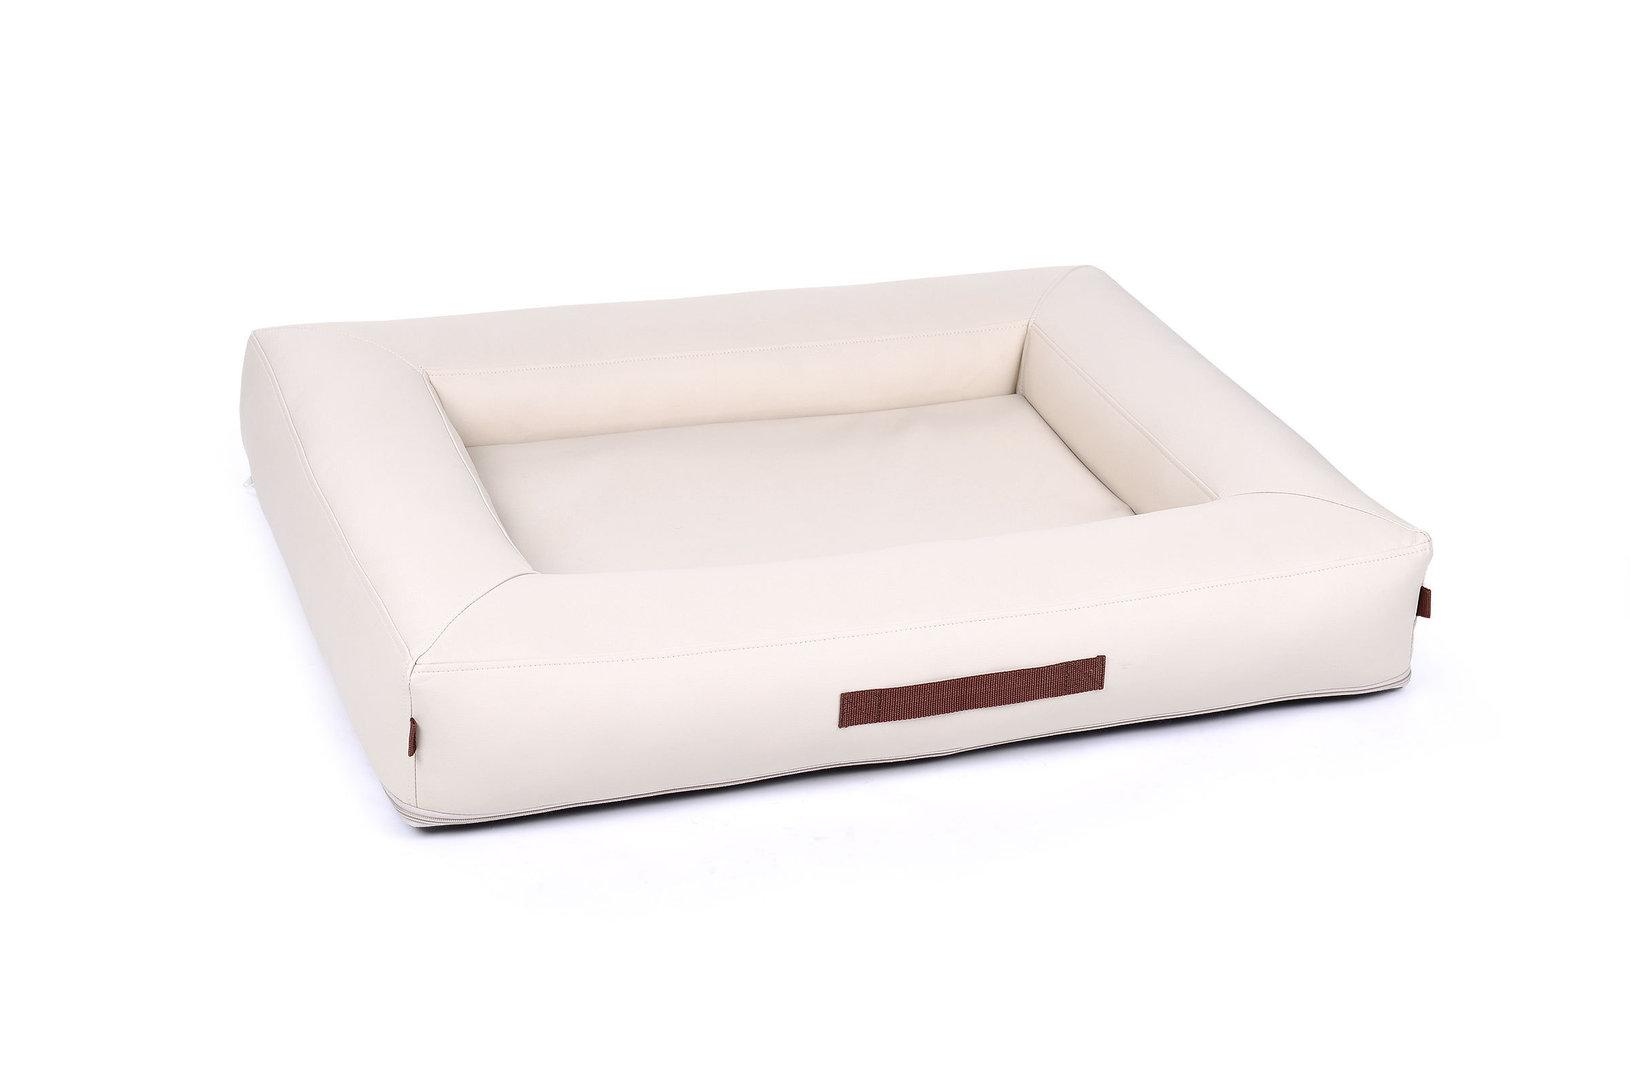 padsforall hundebett montreal kunstleder creme. Black Bedroom Furniture Sets. Home Design Ideas